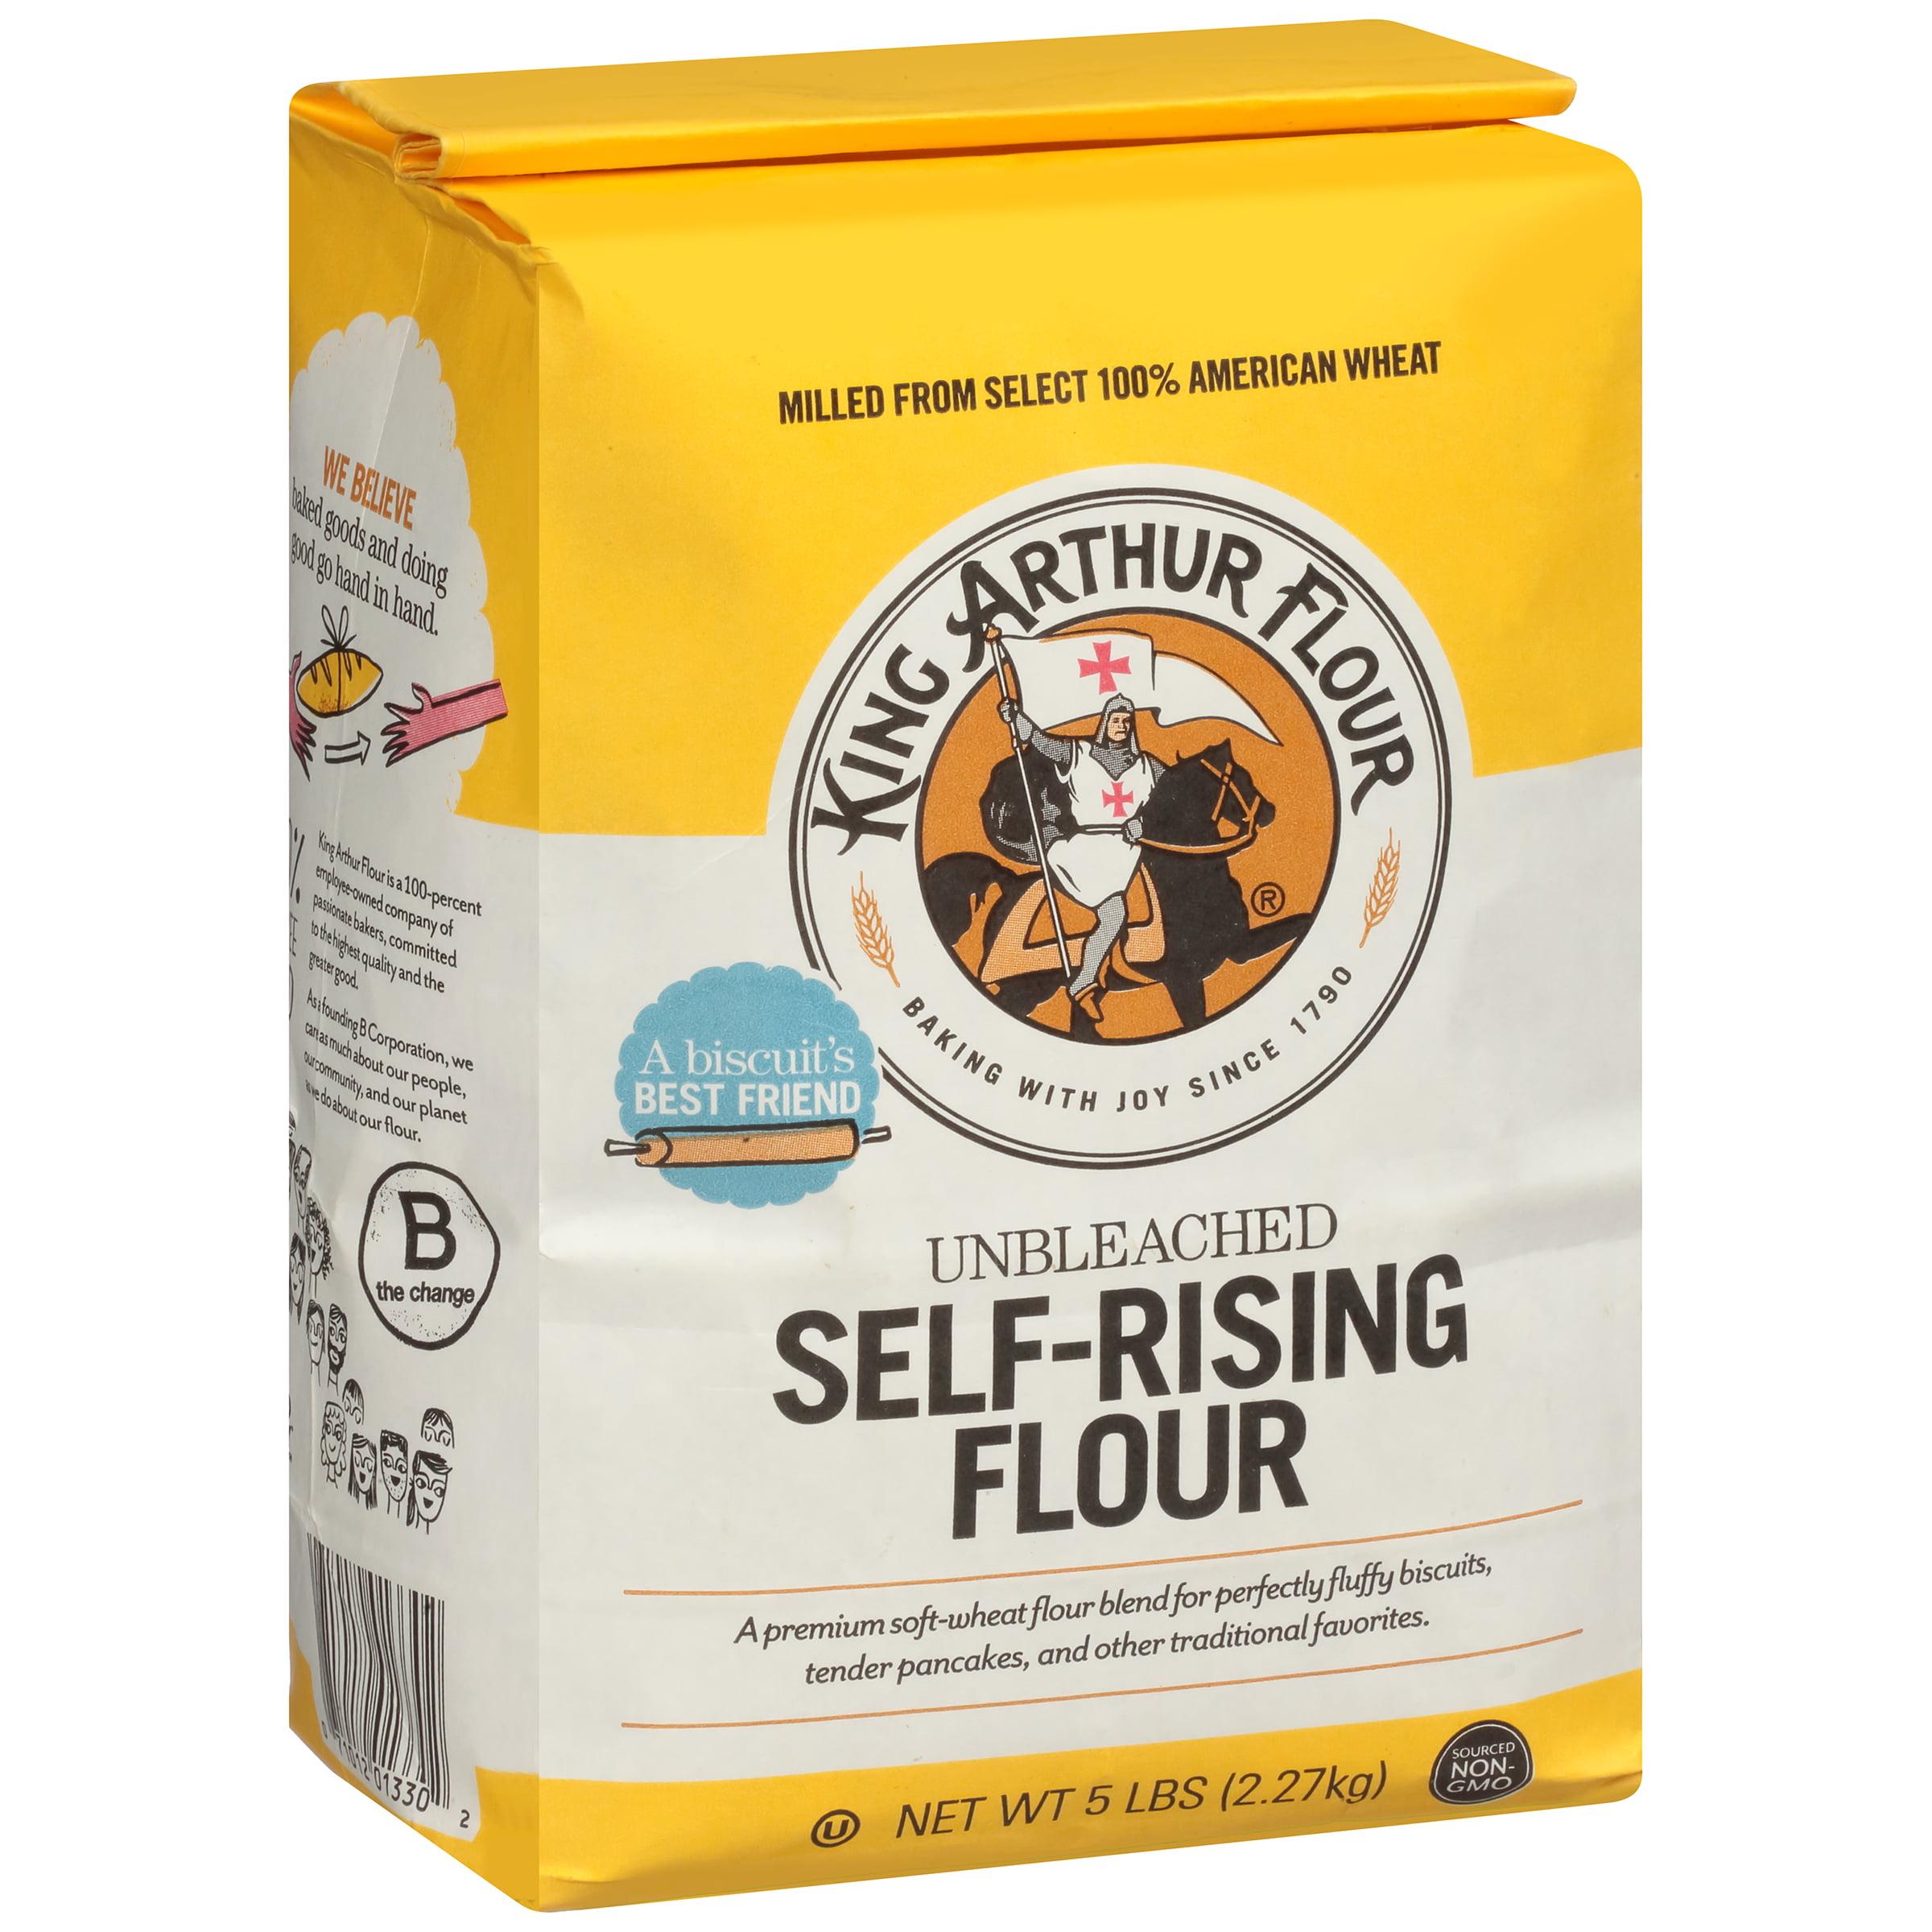 King arther flour